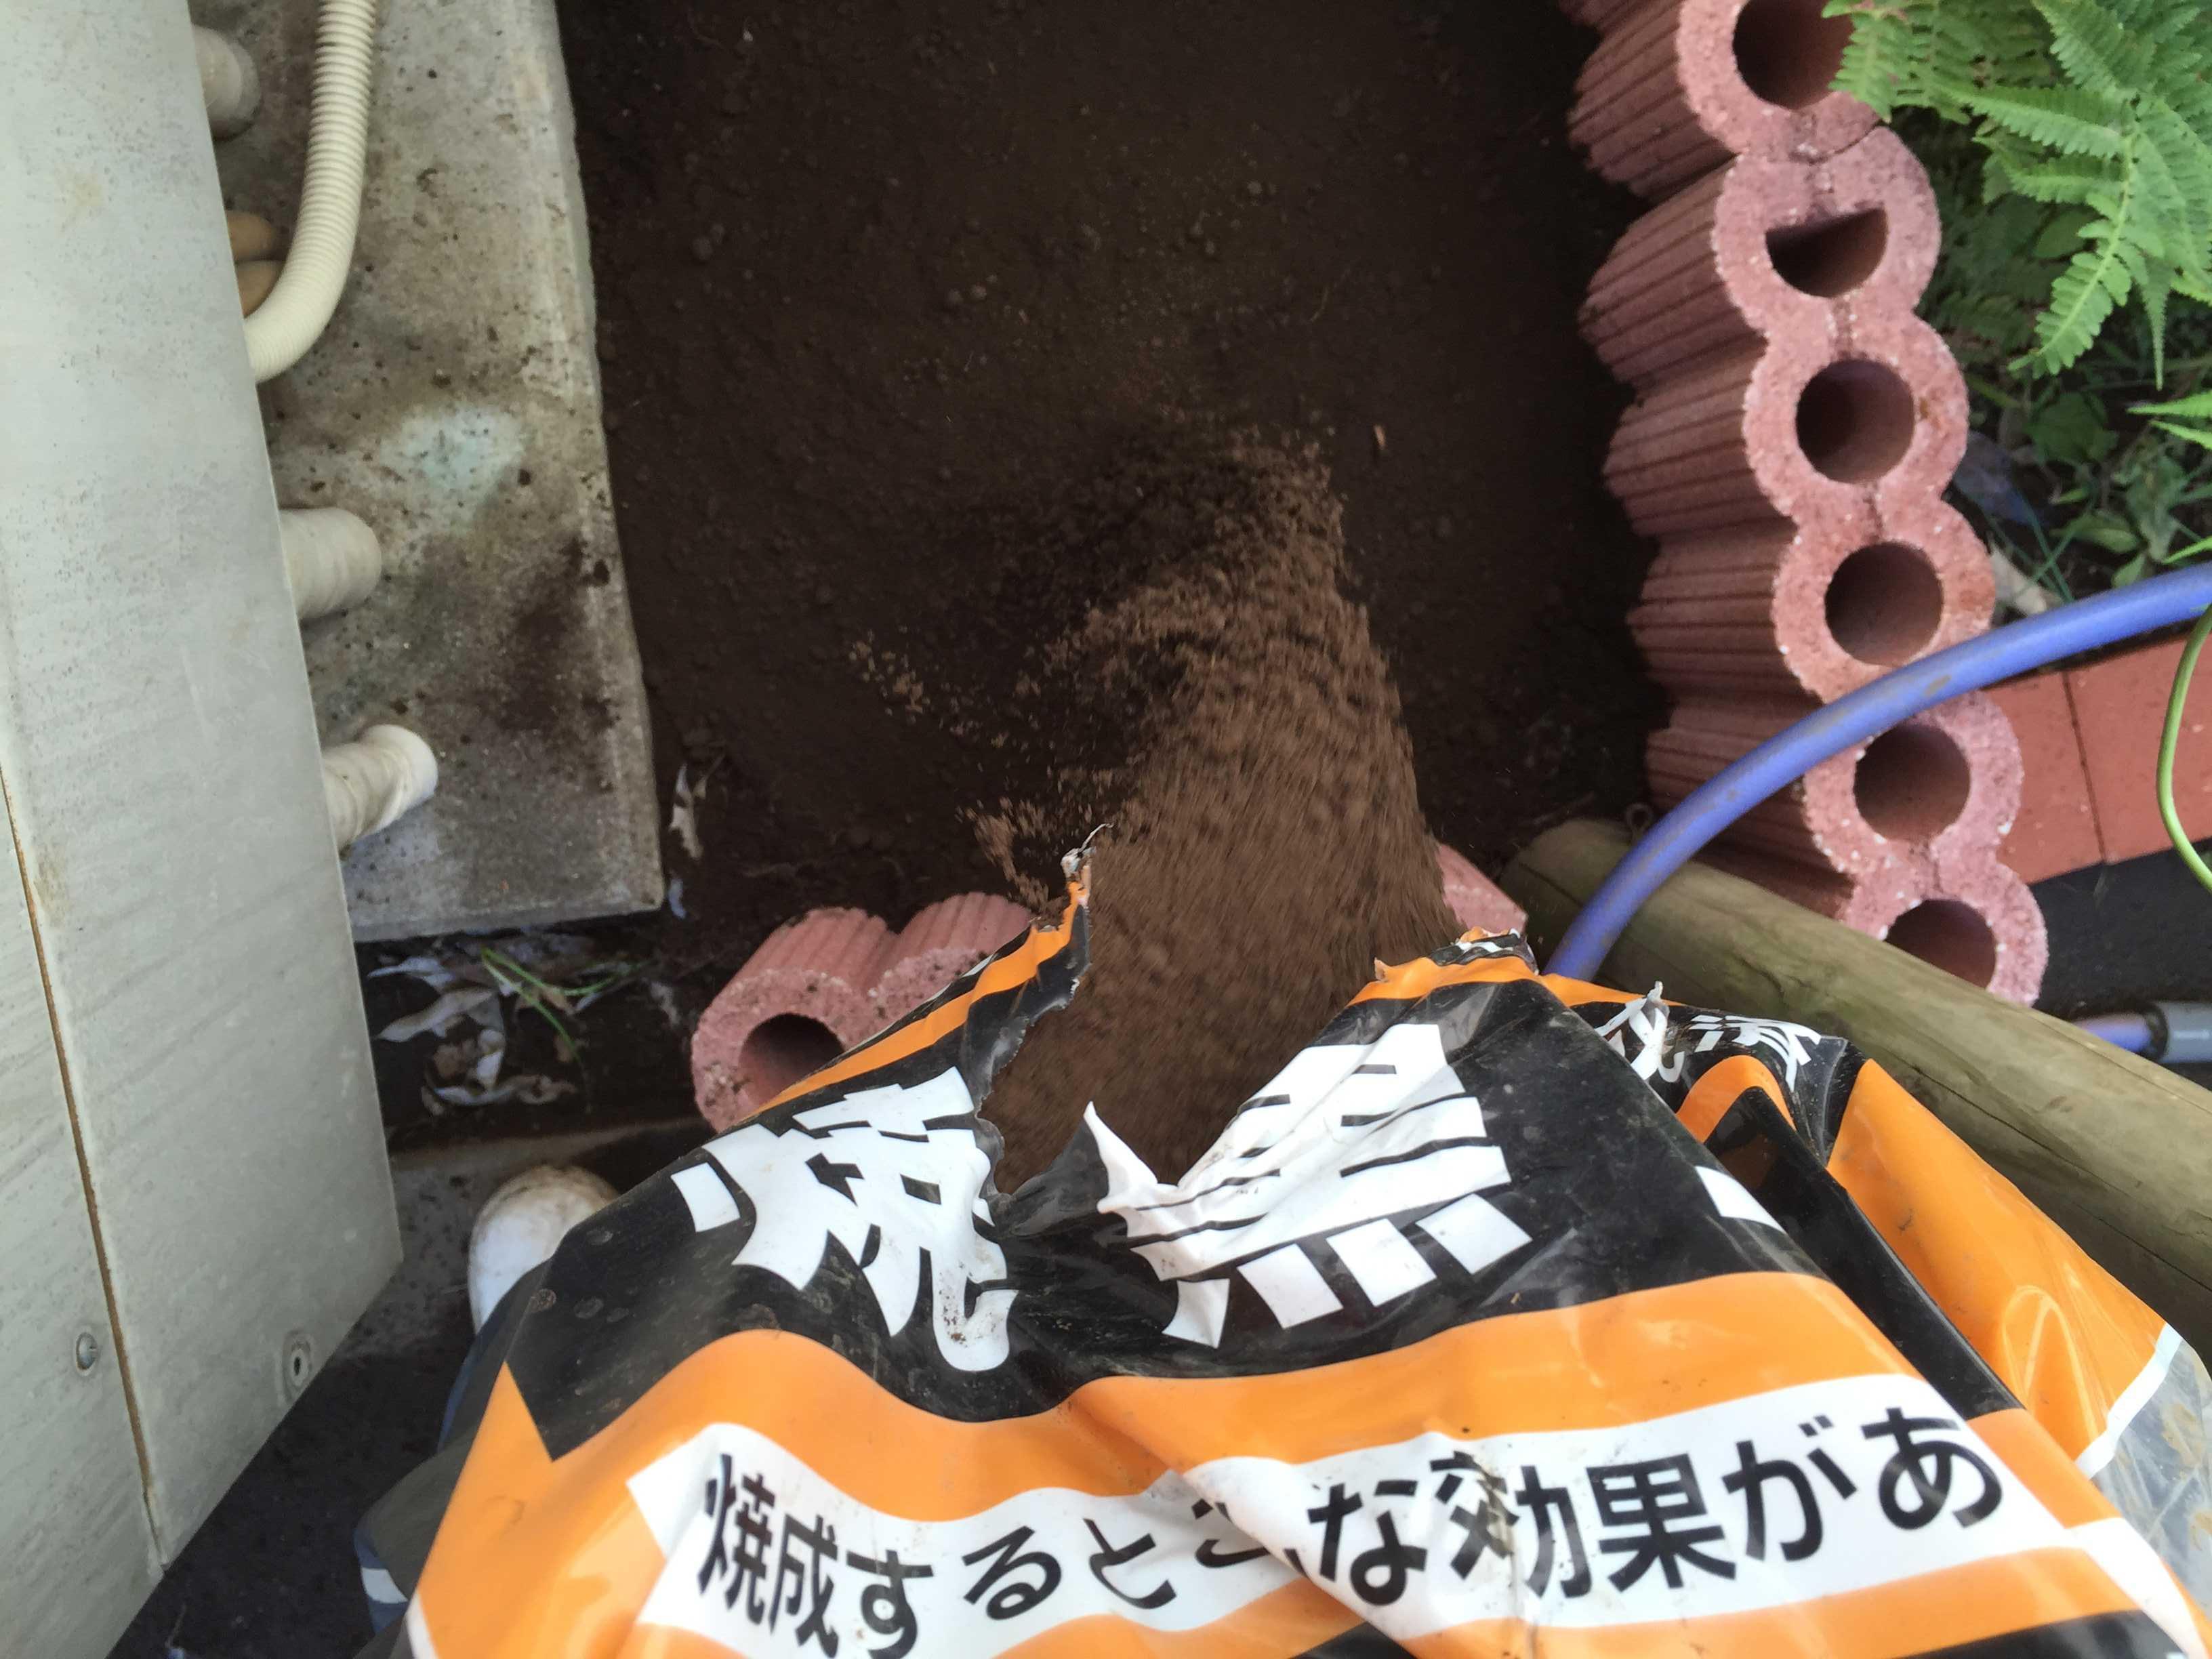 ヤマユリの球根植え付け - 土作り